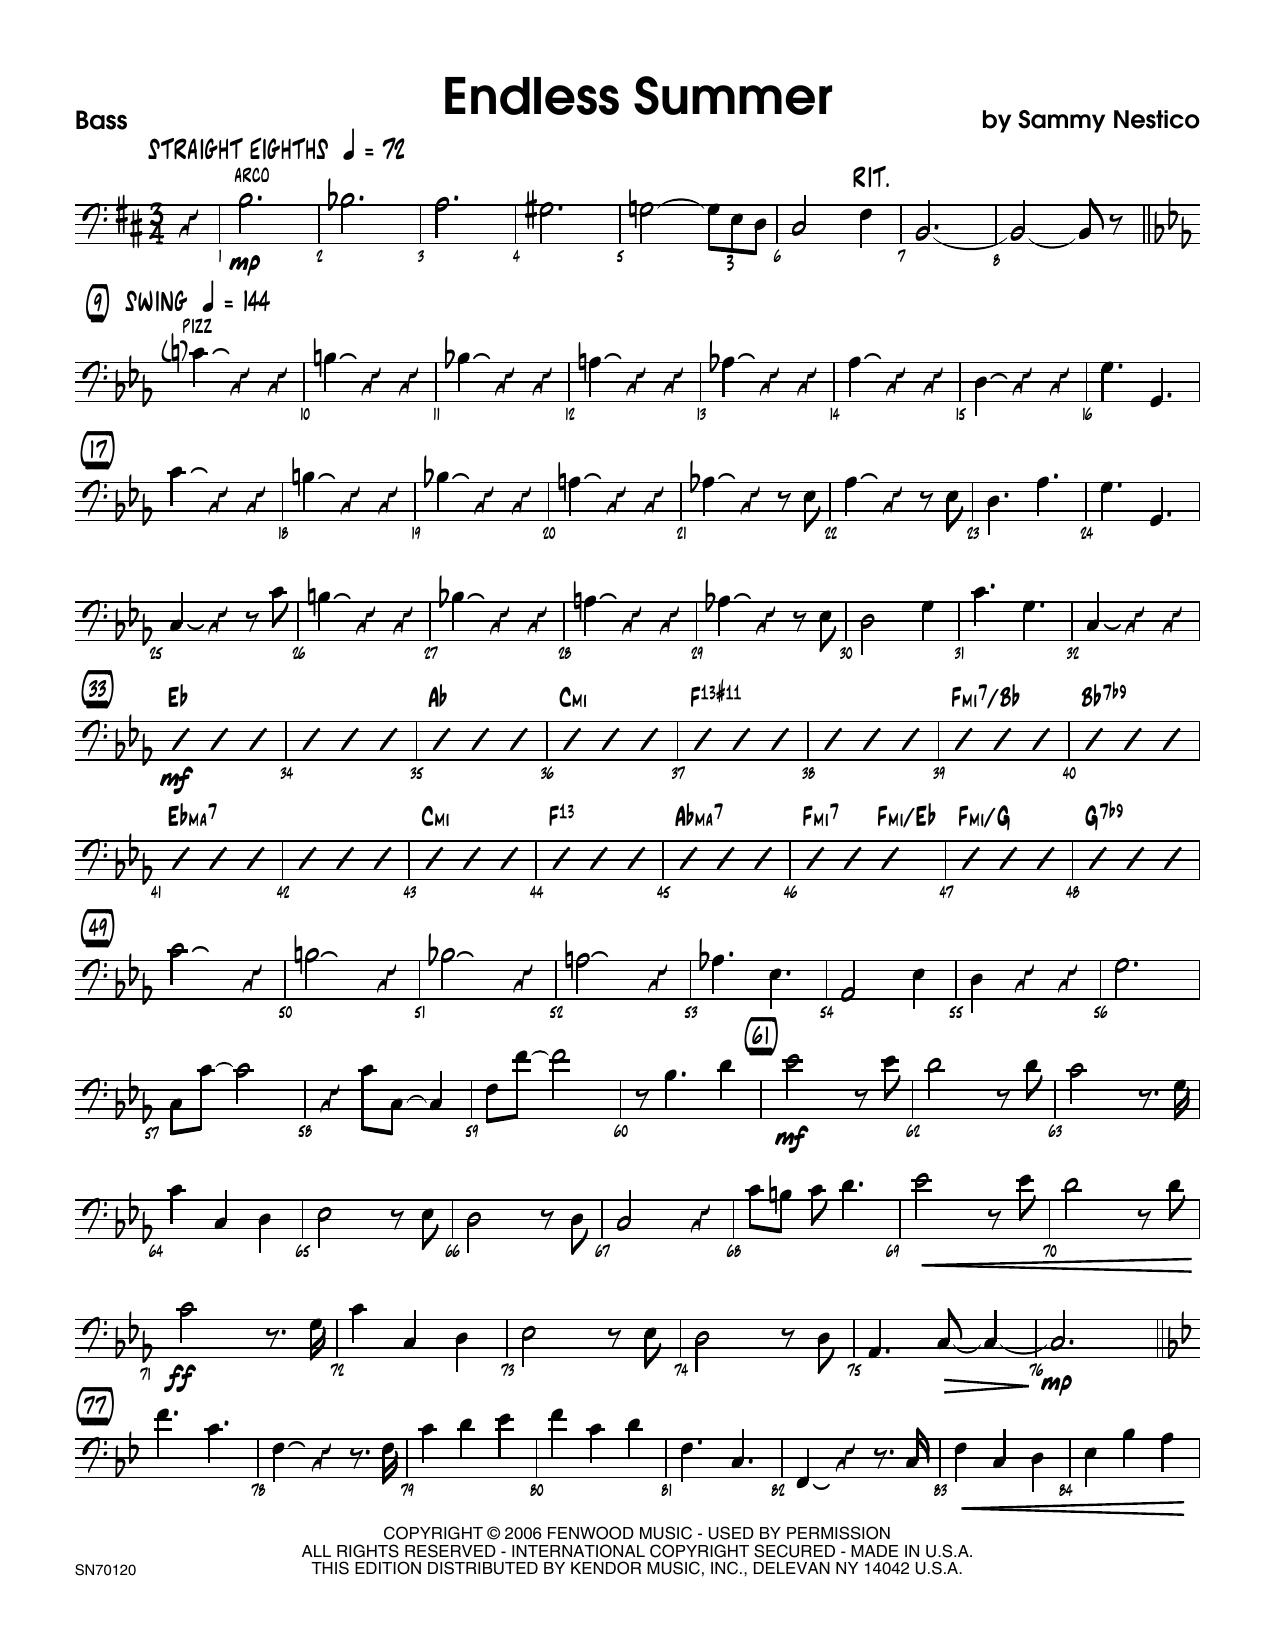 Endless Summer - Bass Sheet Music